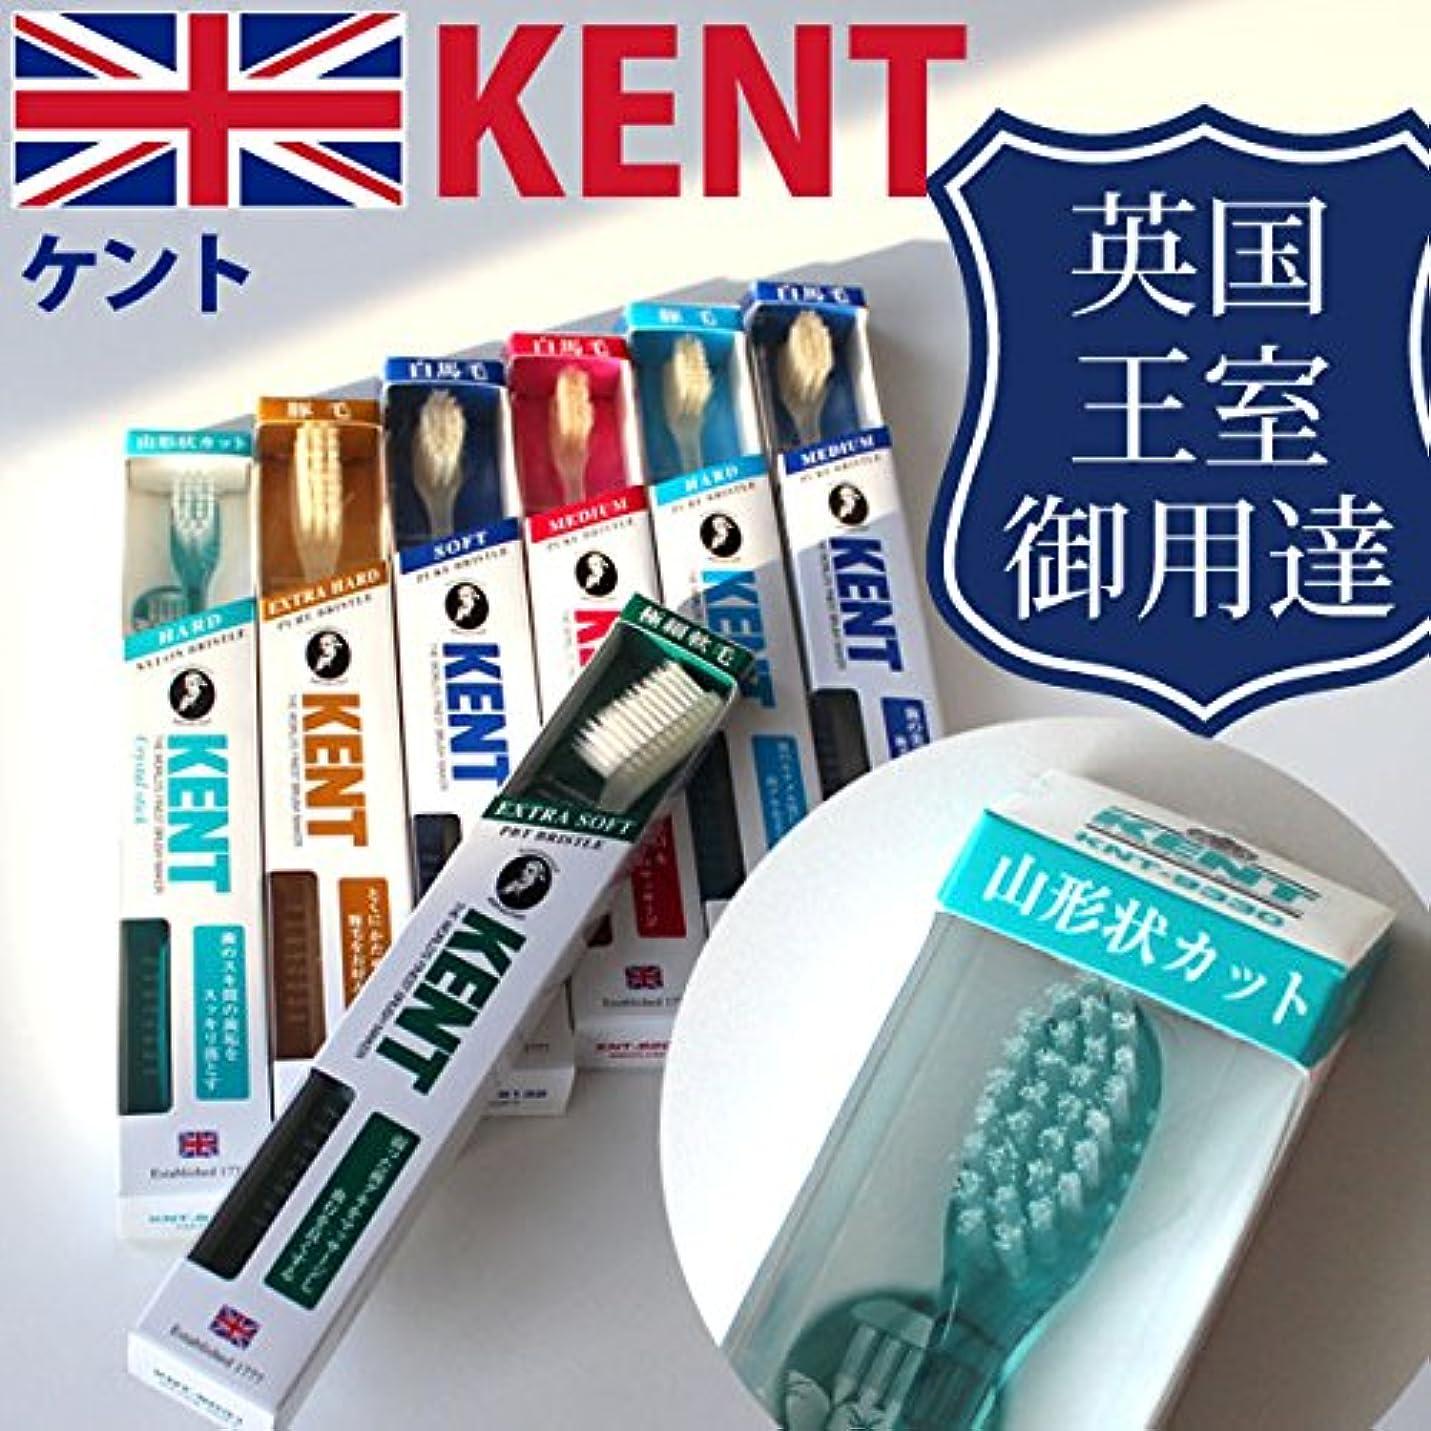 減る縮れたウェイターケント KENT クリスタルステック 歯ブラシKNT-9230/9330 6本入り 山形状カットが歯と歯の間にぴったり かため